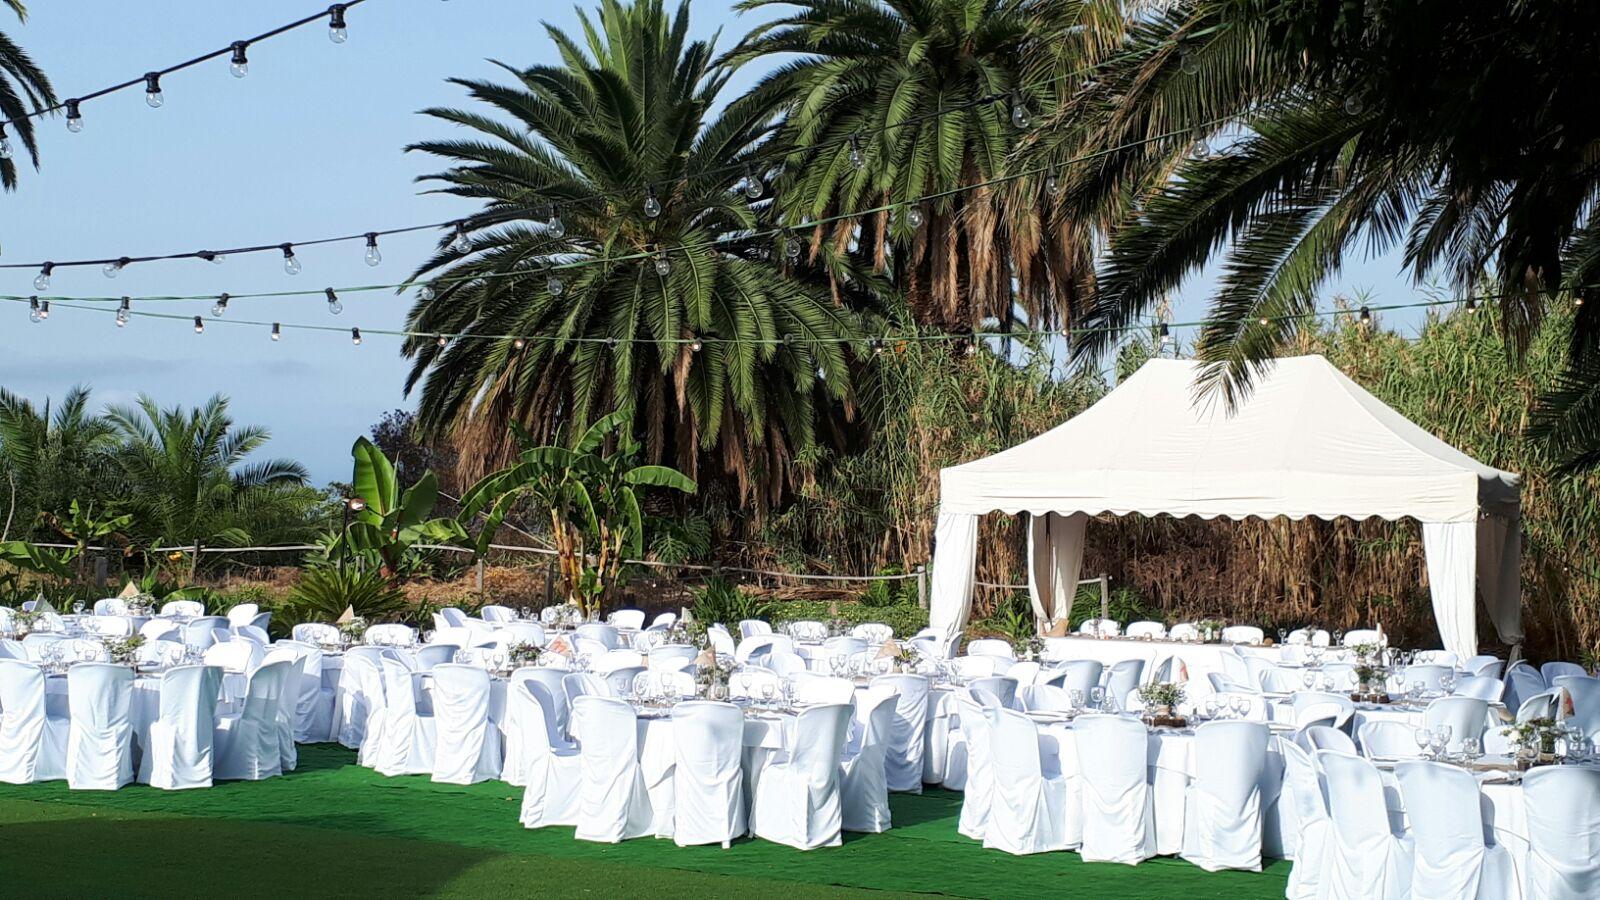 Balta puota tarp palmių